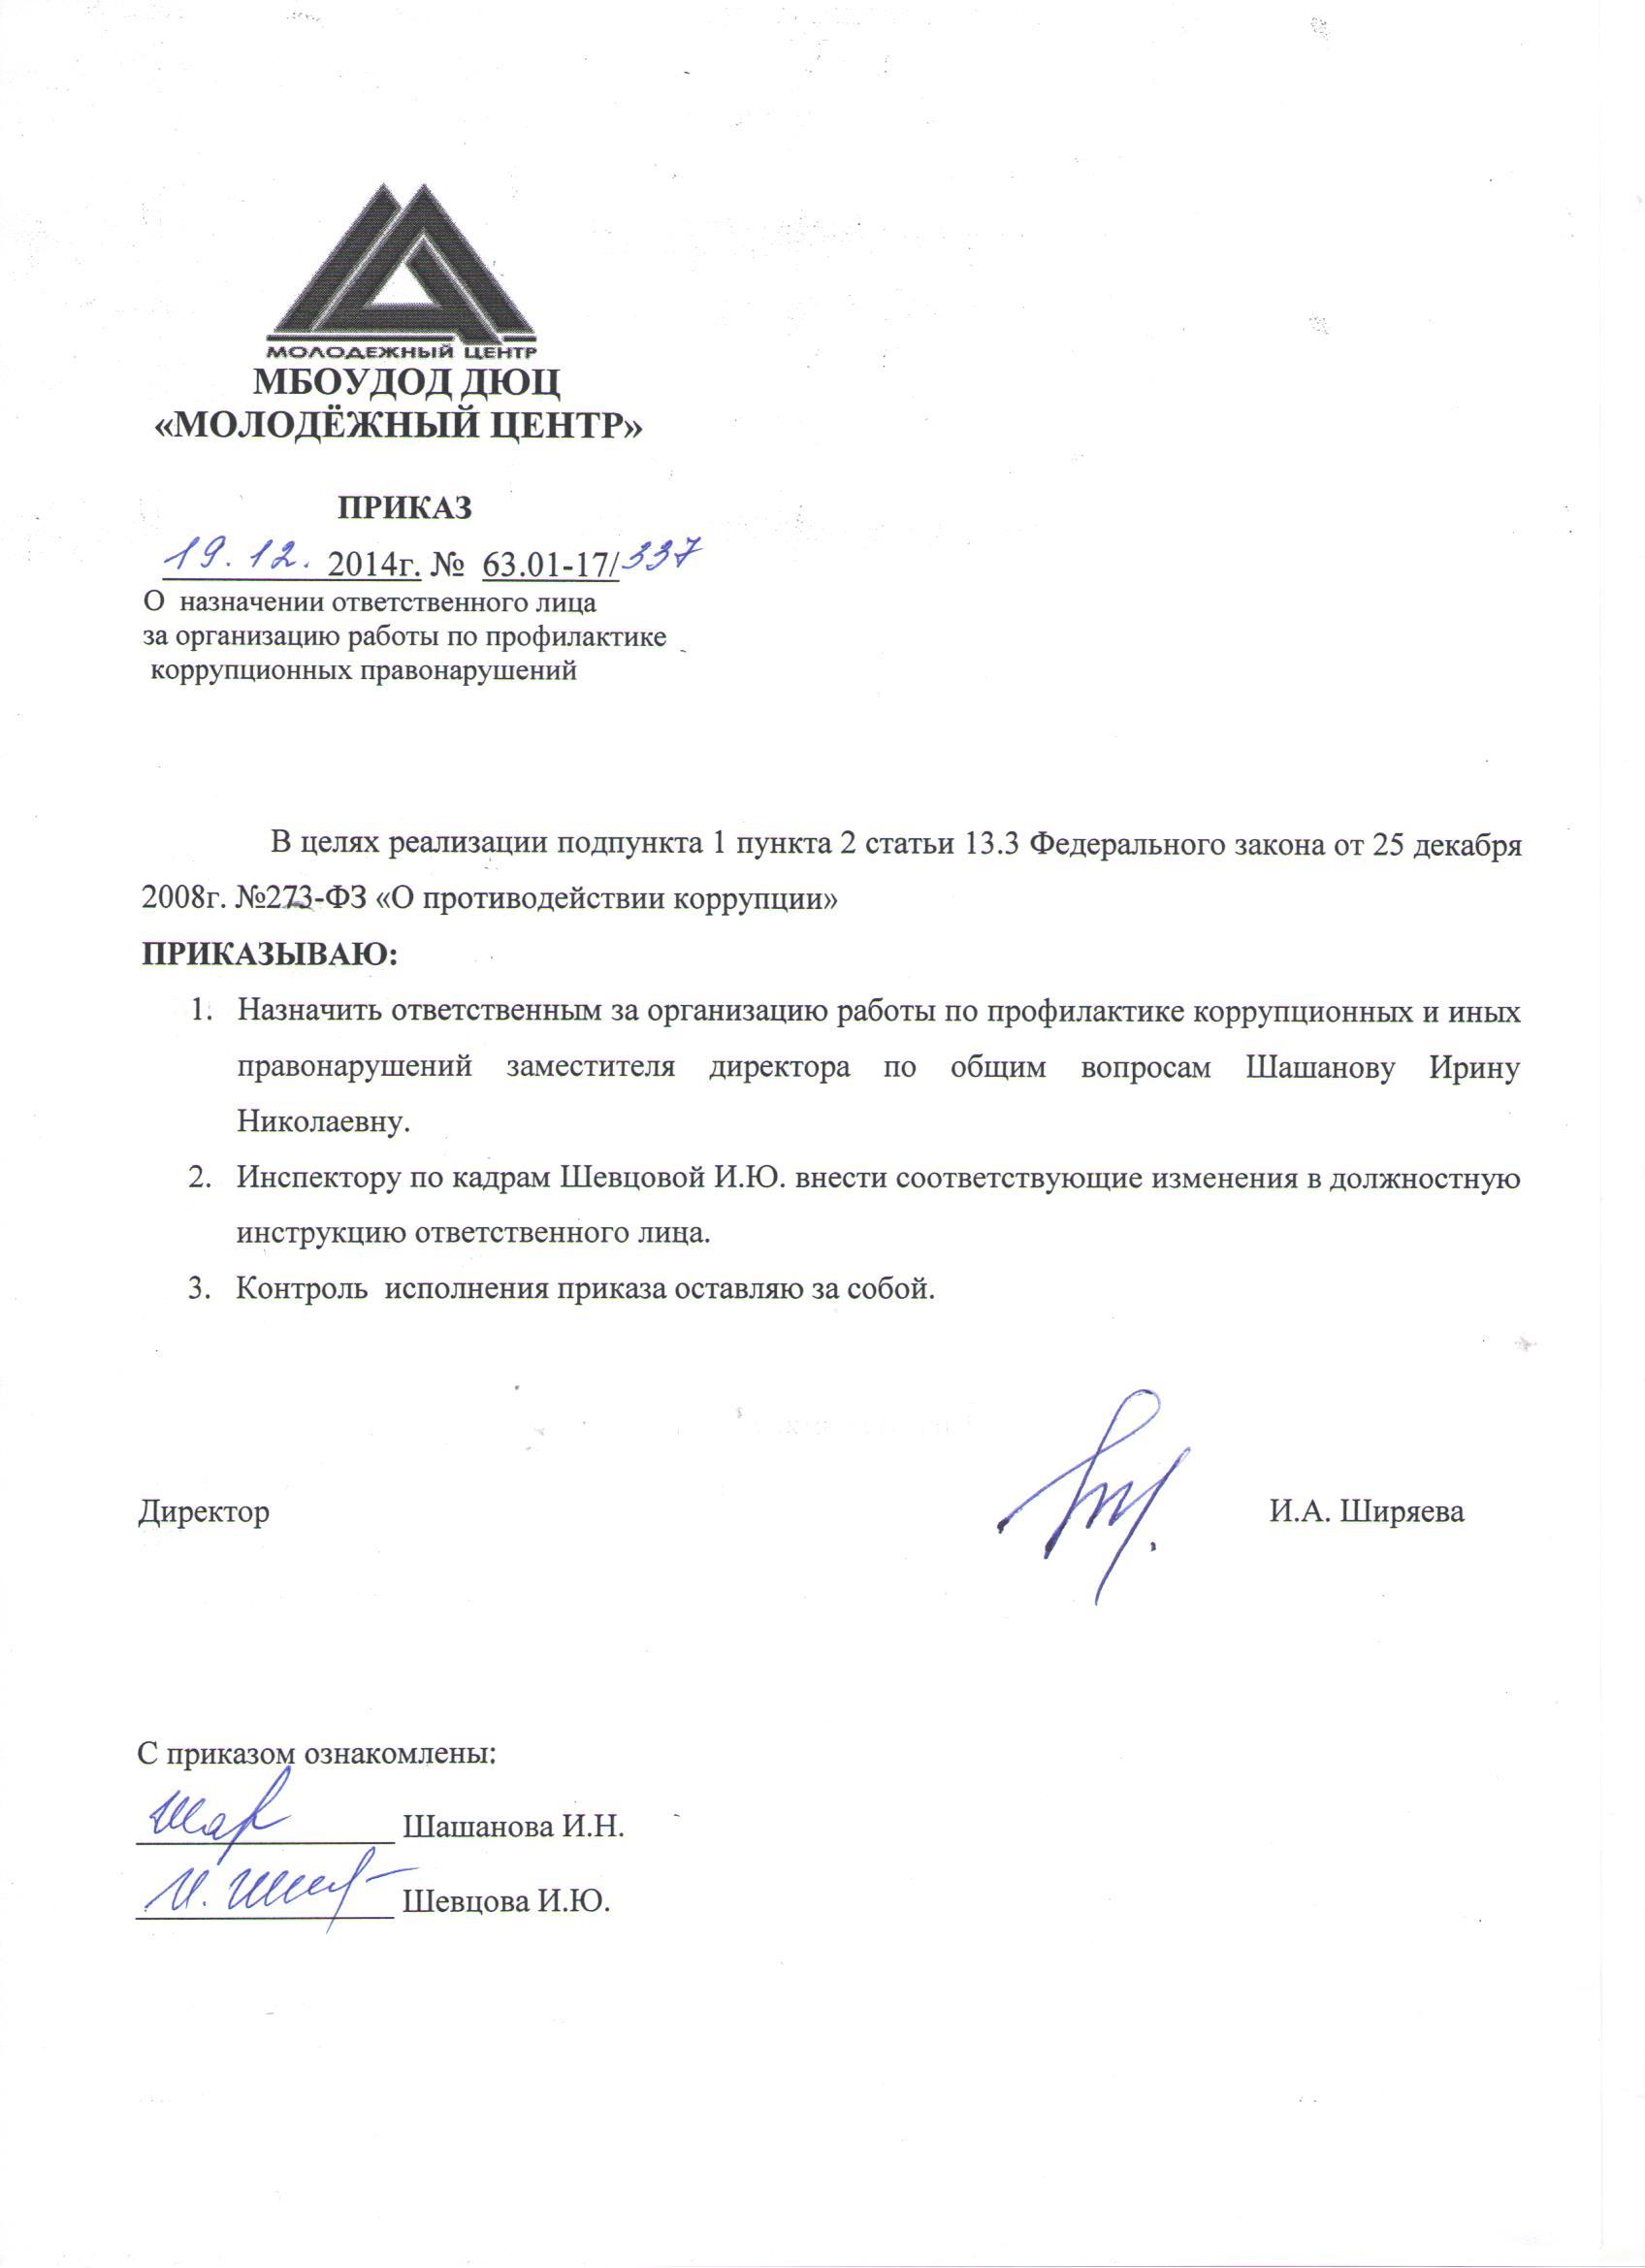 бланк приказа за назначение ответственных